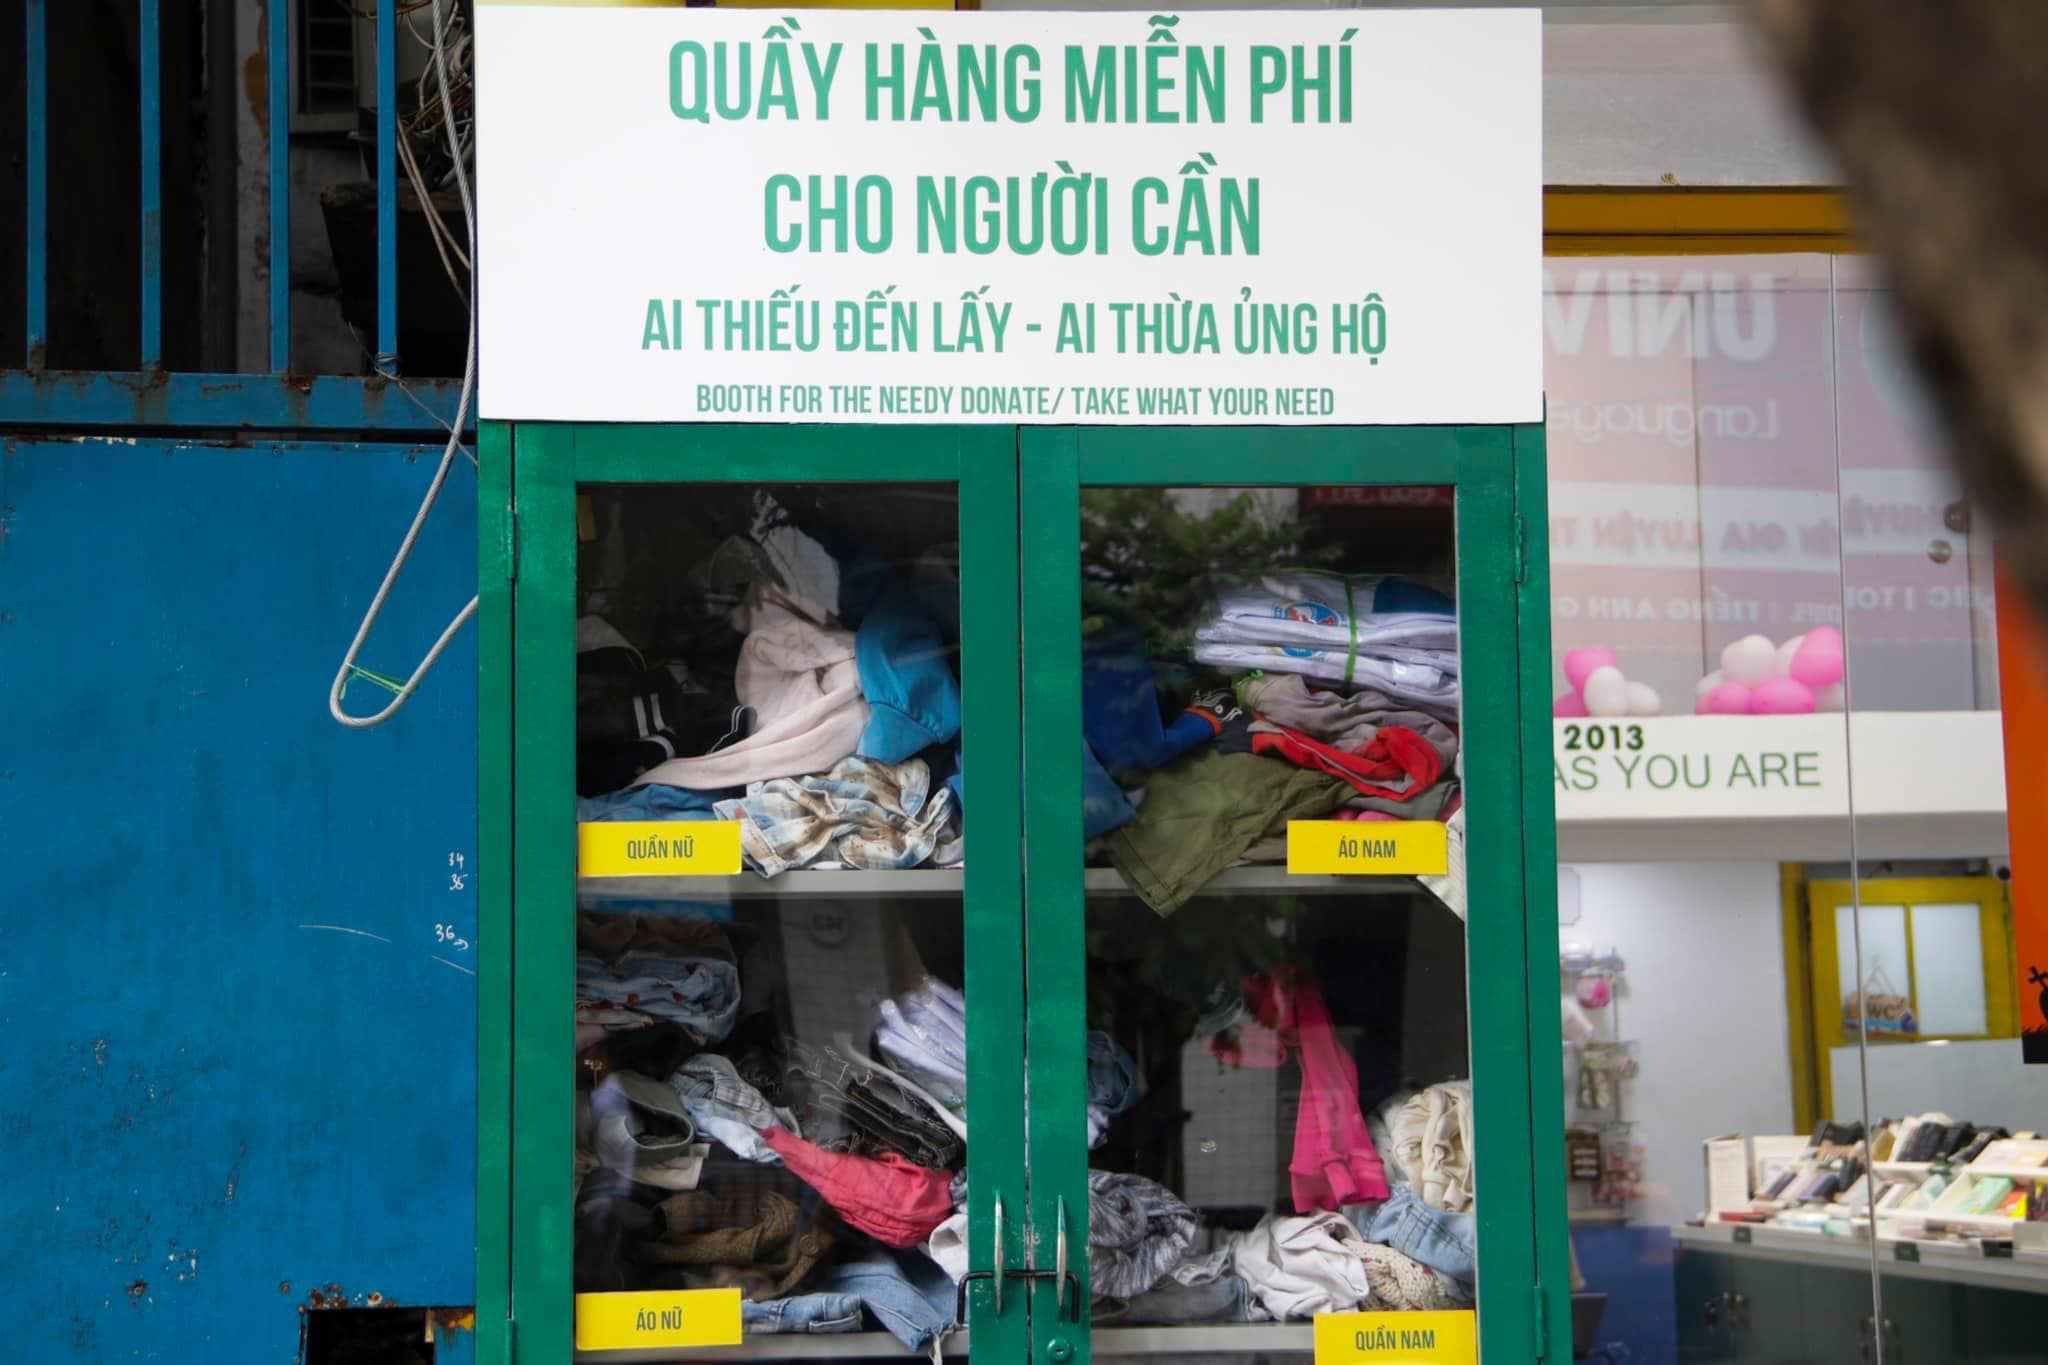 """Trời vừa trở lạnh, tủ quần áo từ thiện """"thừa cho đi, thiếu nhận lại"""" tại Hà Nội đã hết sạch đồ"""